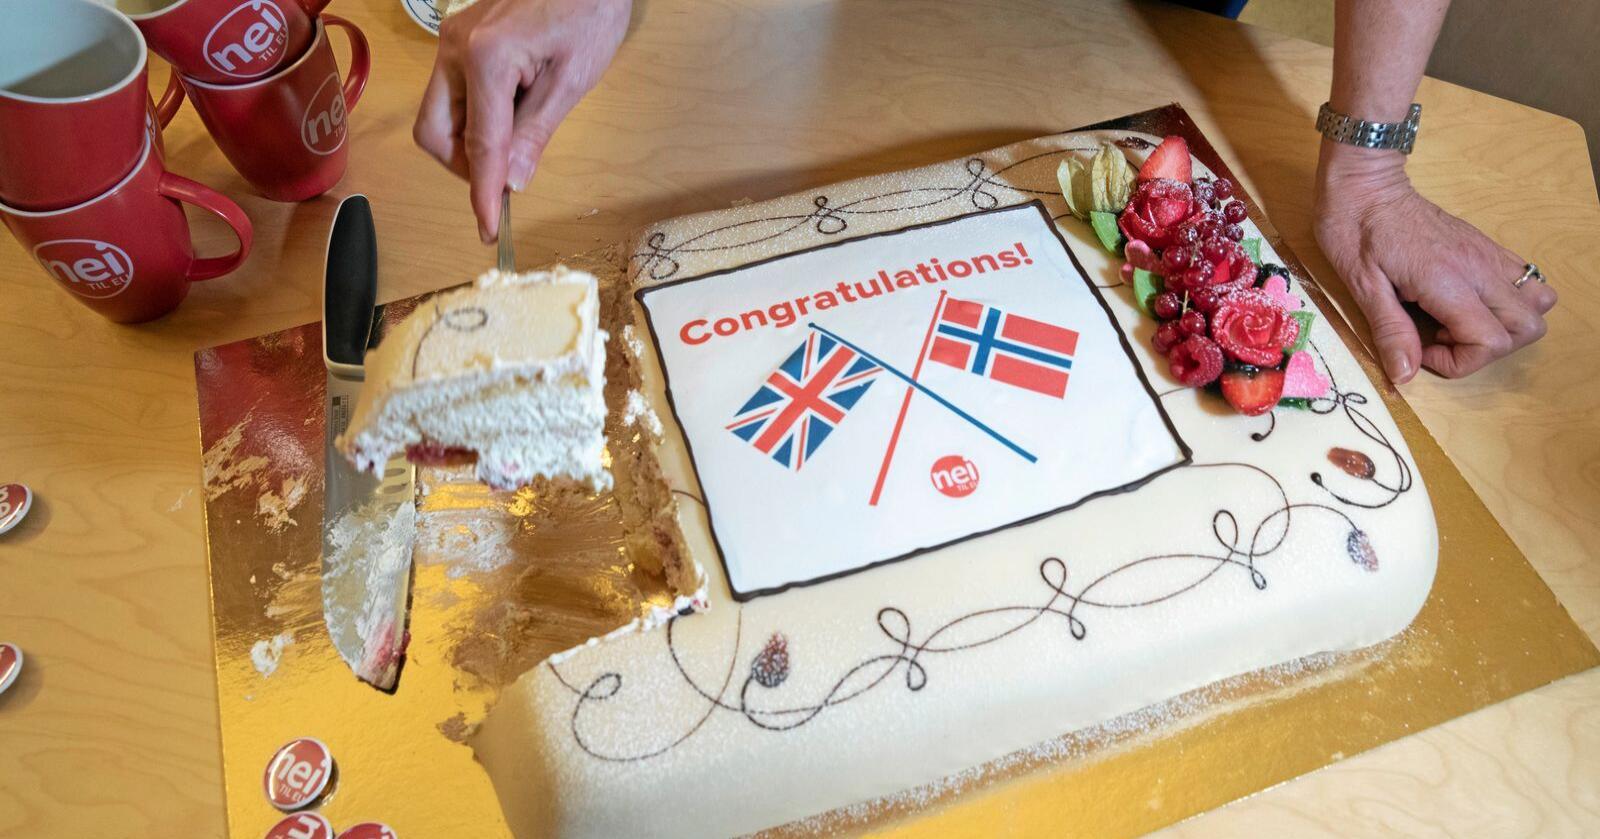 Feiret Brexit: Nei til EU markerte brexit med kake. Foto: Berit Roald/NTB scanpix